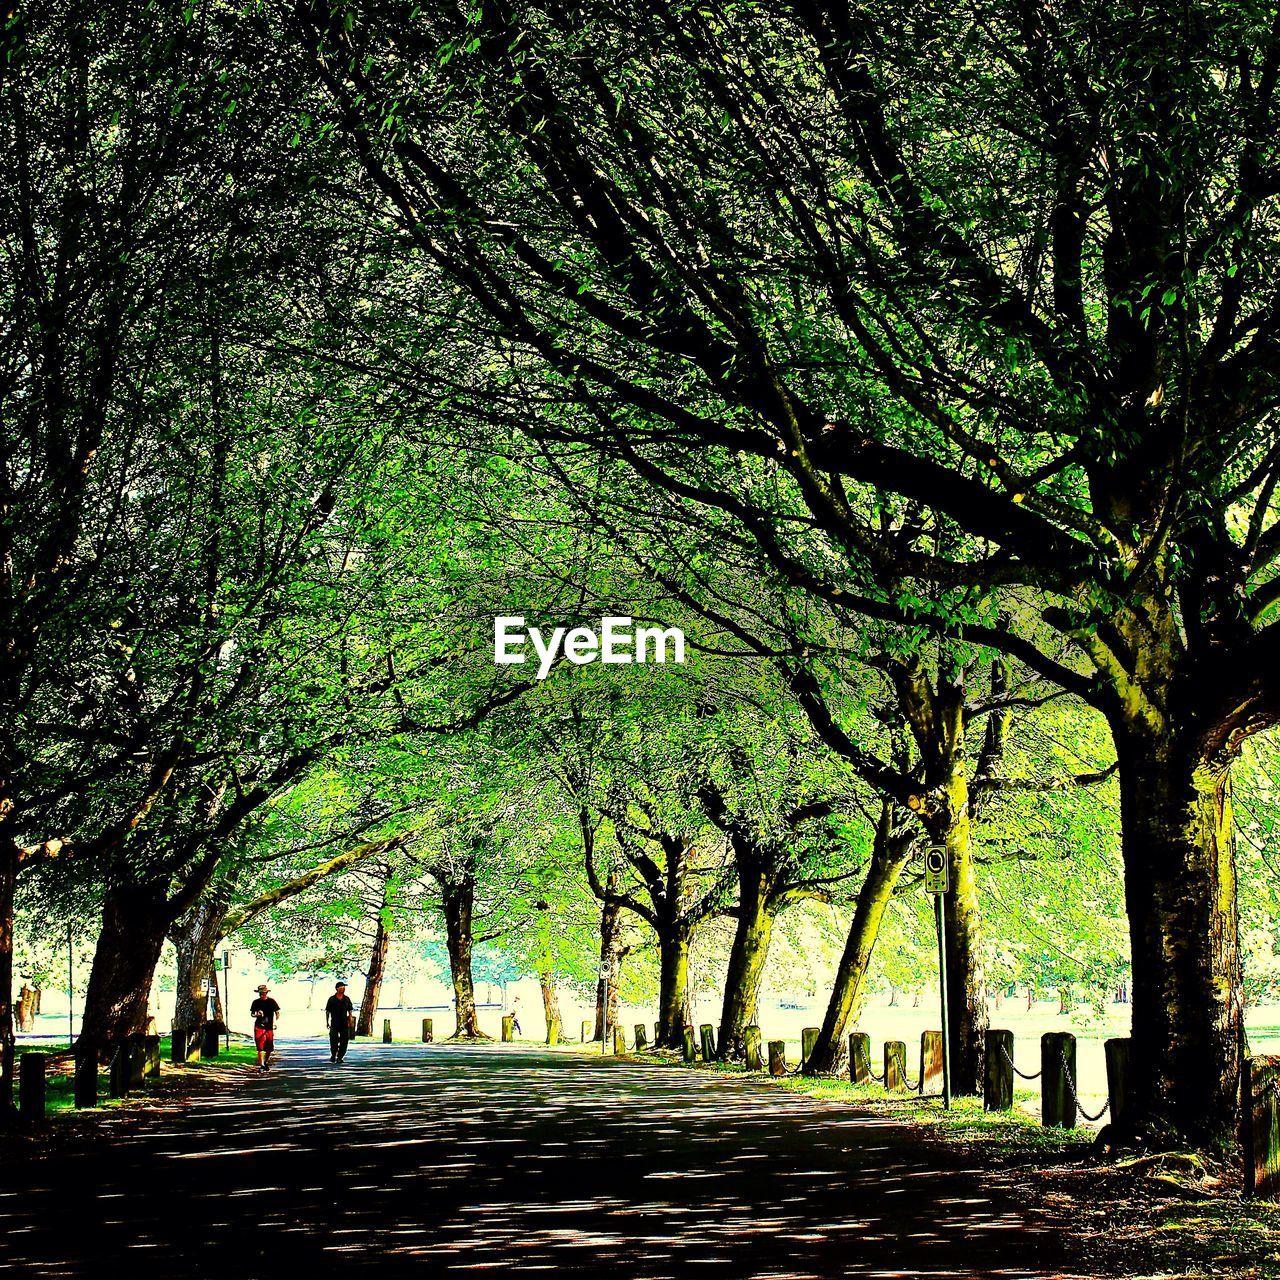 Men walking on road along trees